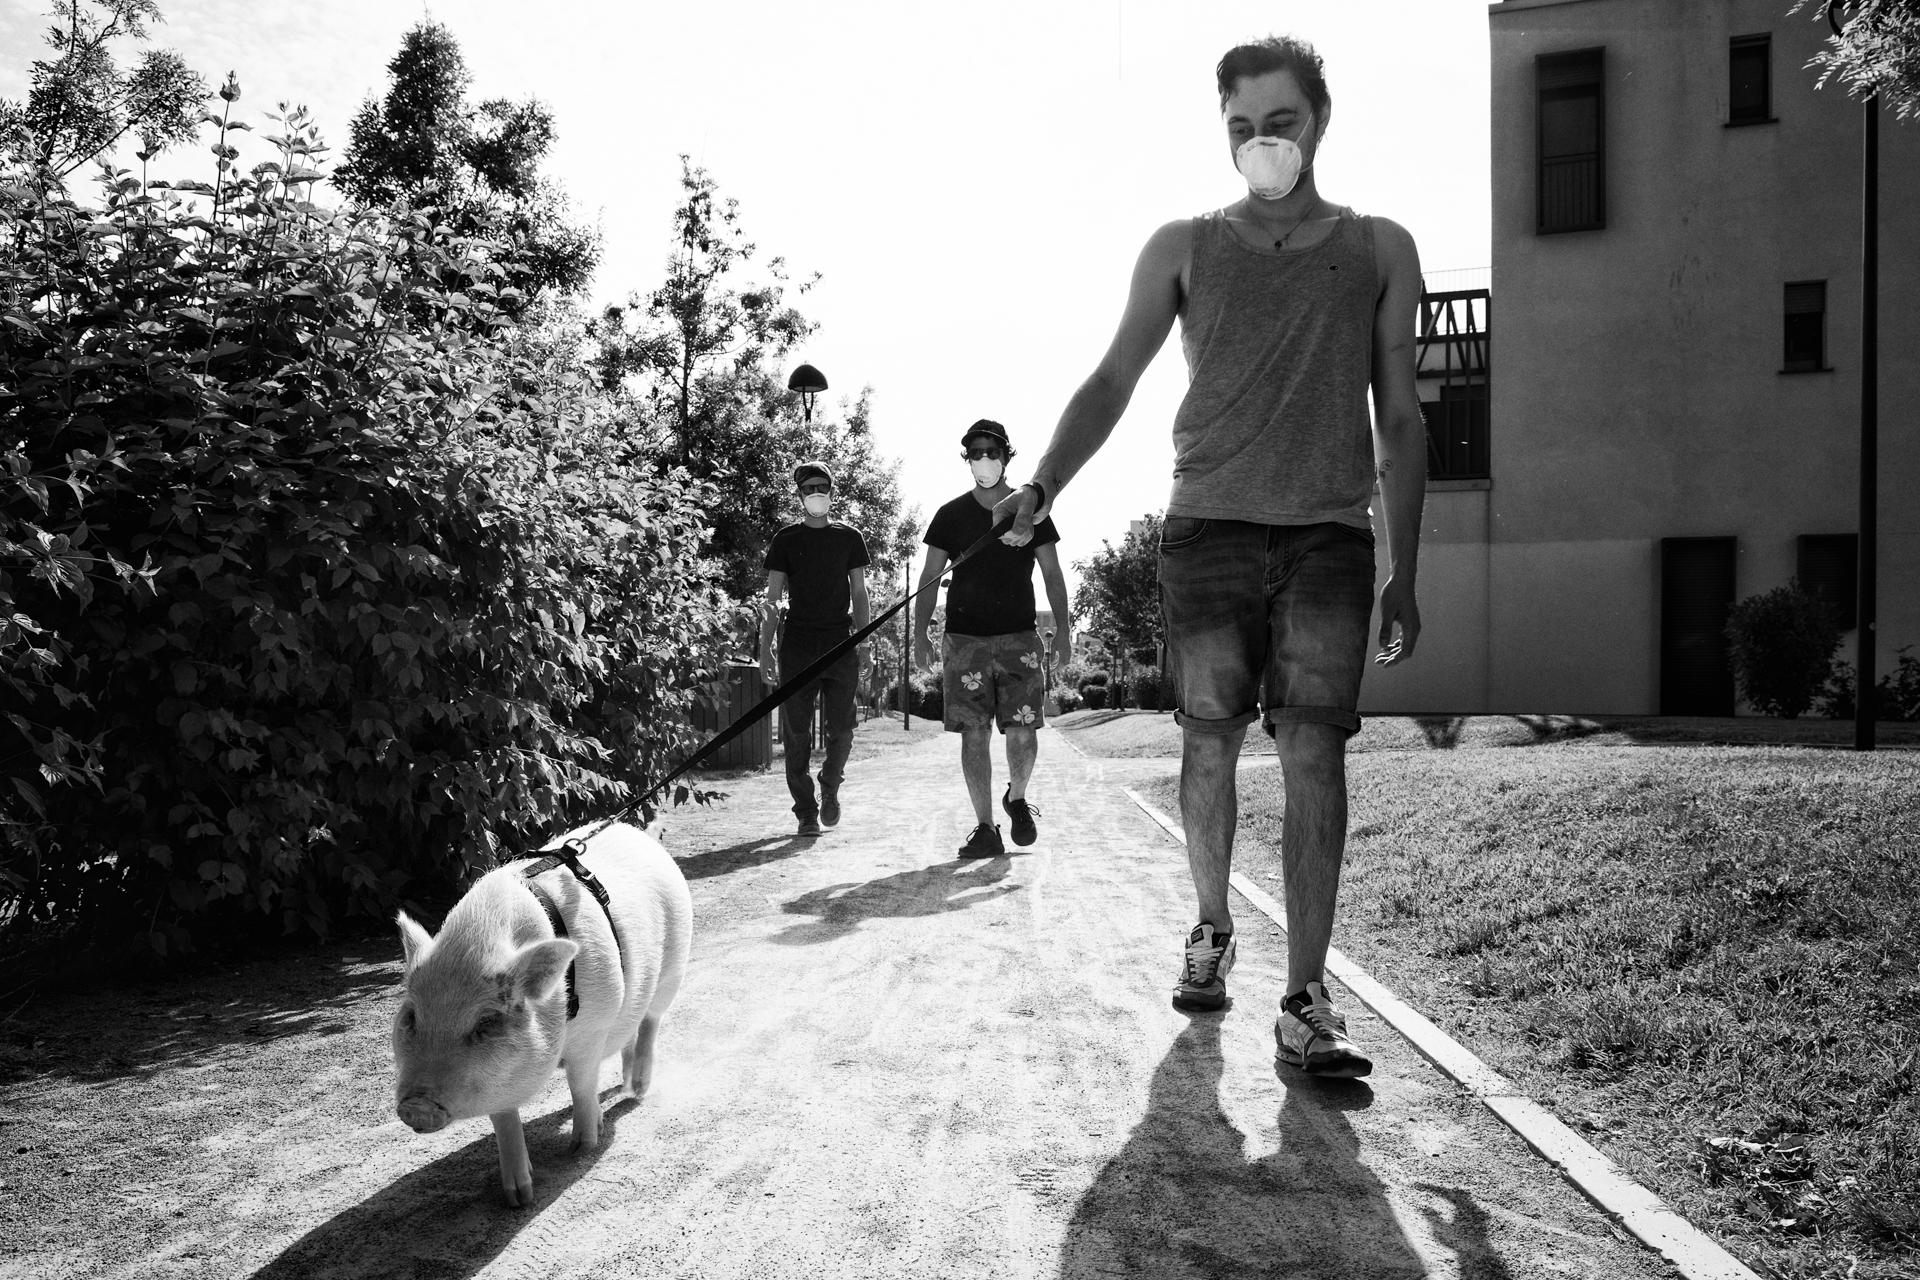 Spiragli di normalità di Silvia Milanesi Corso Avanzato, Il ritorno alla normalità dopo la prima fase della pandemia di Covid-19 nel quartiere milanese di Figino nelle fotografie di SIlvia Milanesi